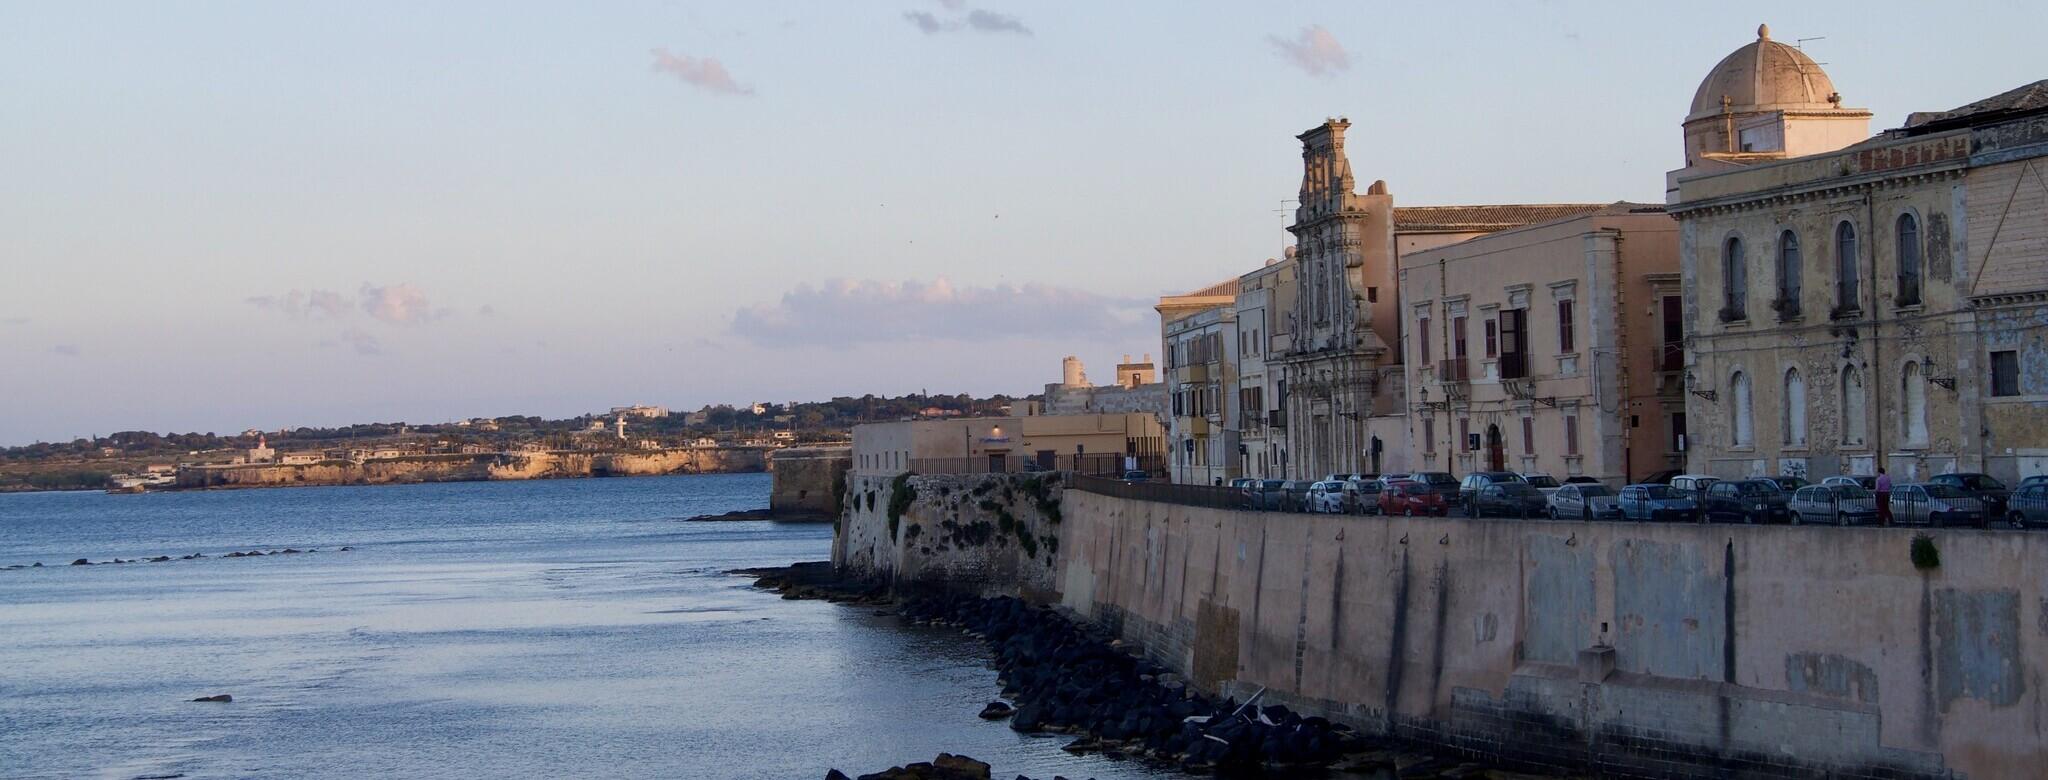 Mittelmeerfeeling pur!